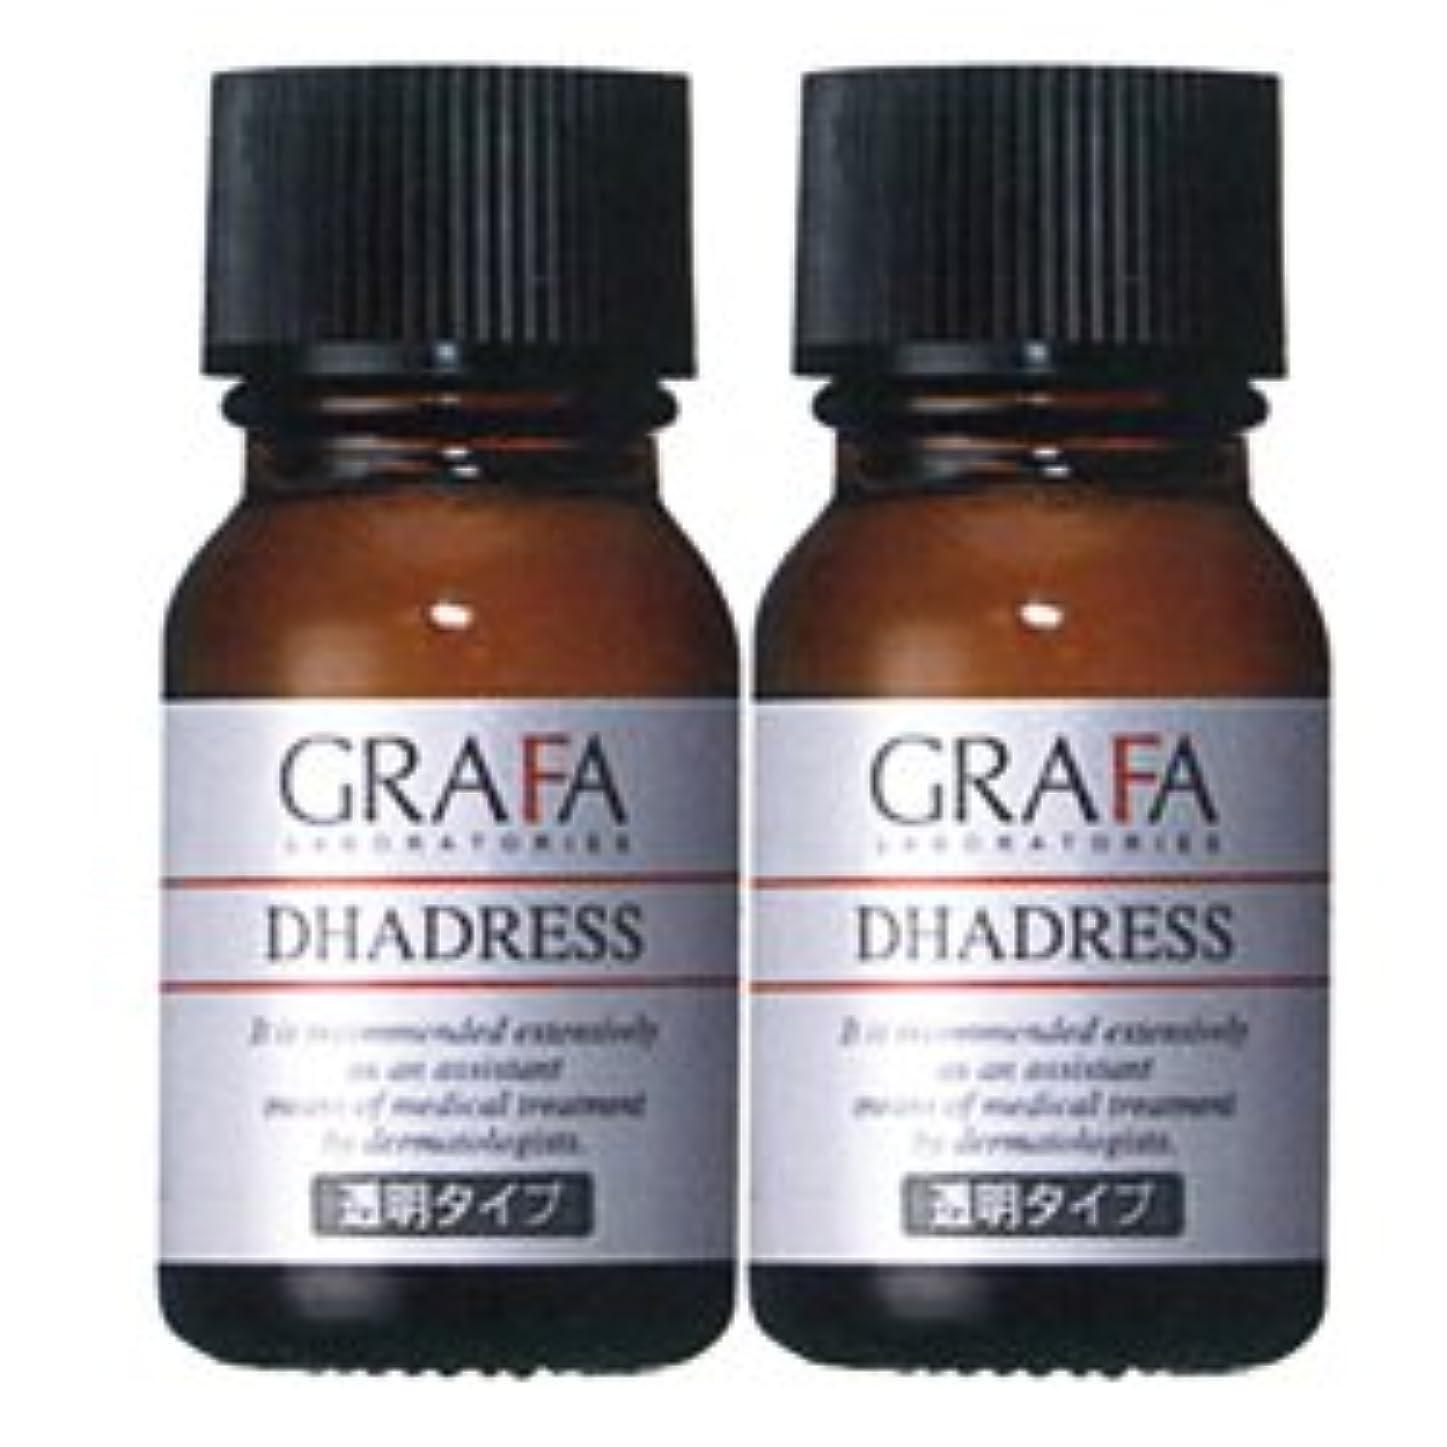 西部肩をすくめる絶えずグラファ ダドレス (透明タイプ) 11mL 着色用化粧水 GRAFA DHADRESS